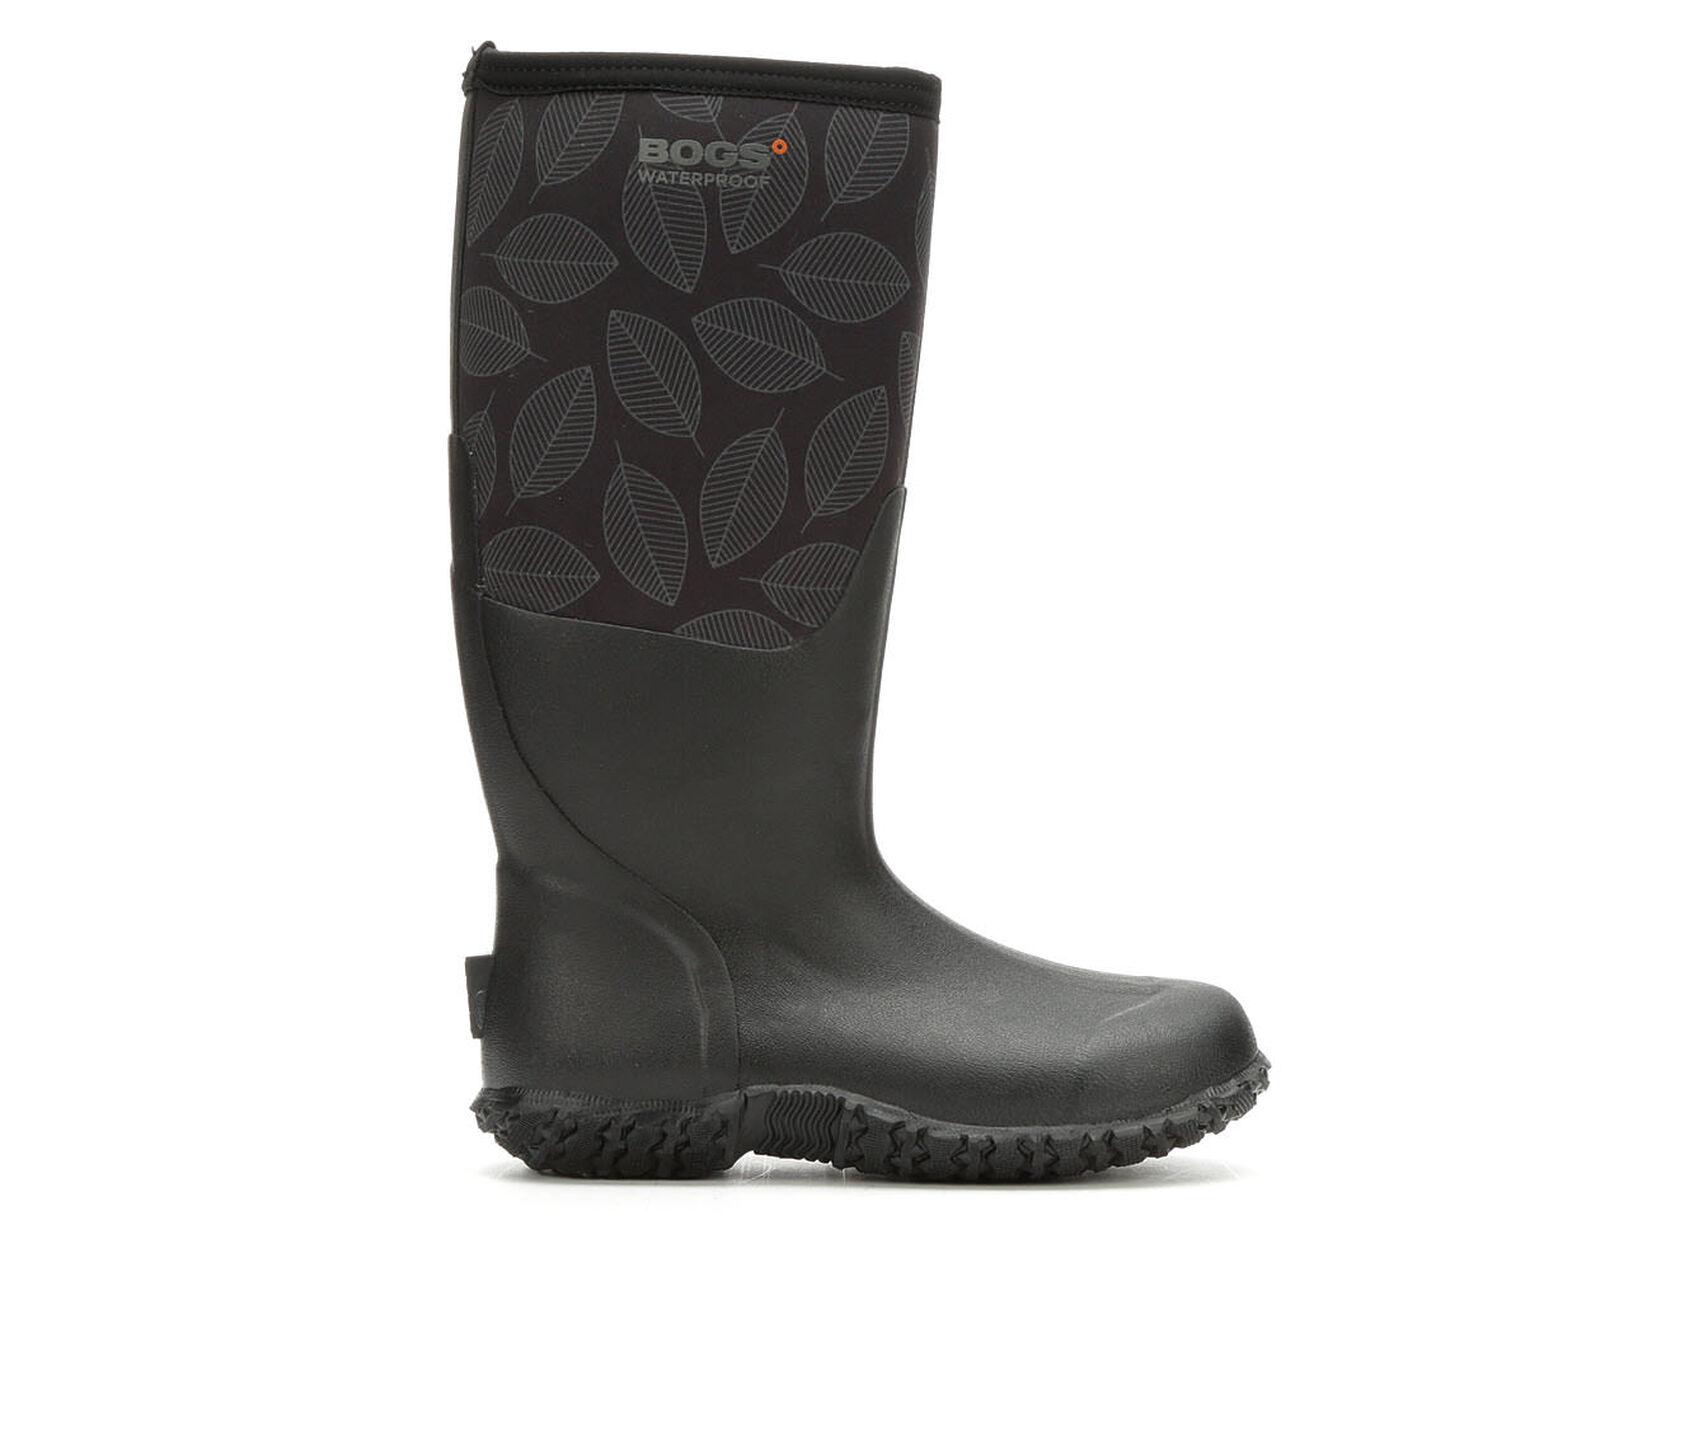 cfaee23a8b3653 Women's Bogs Footwear Carver Winter Boots | Shoe Carnival